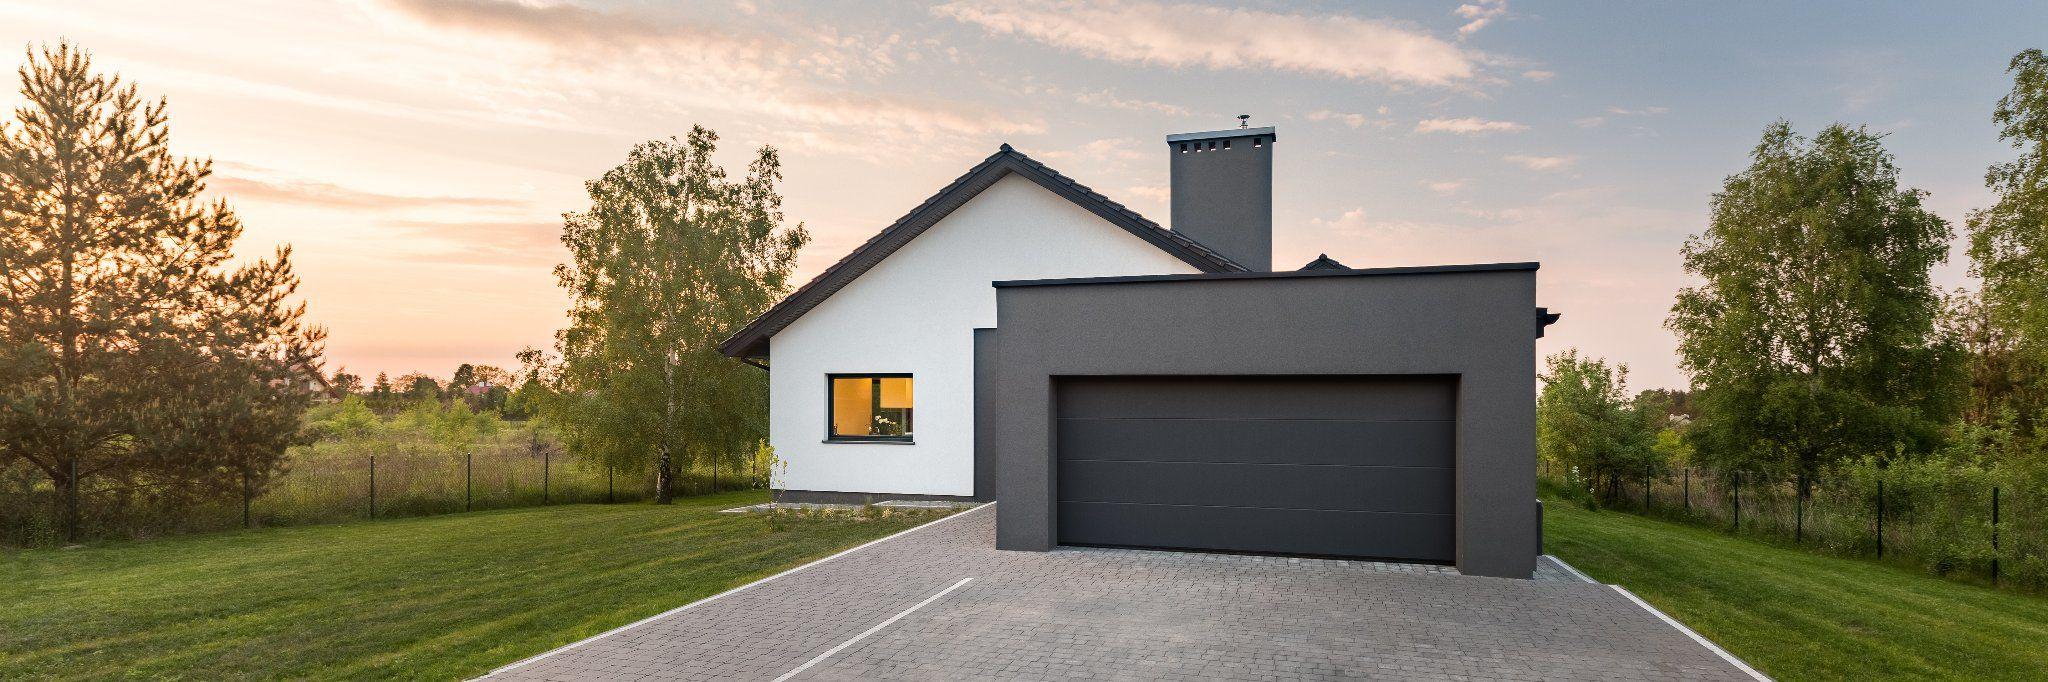 Exemple De Devis Construction Garage